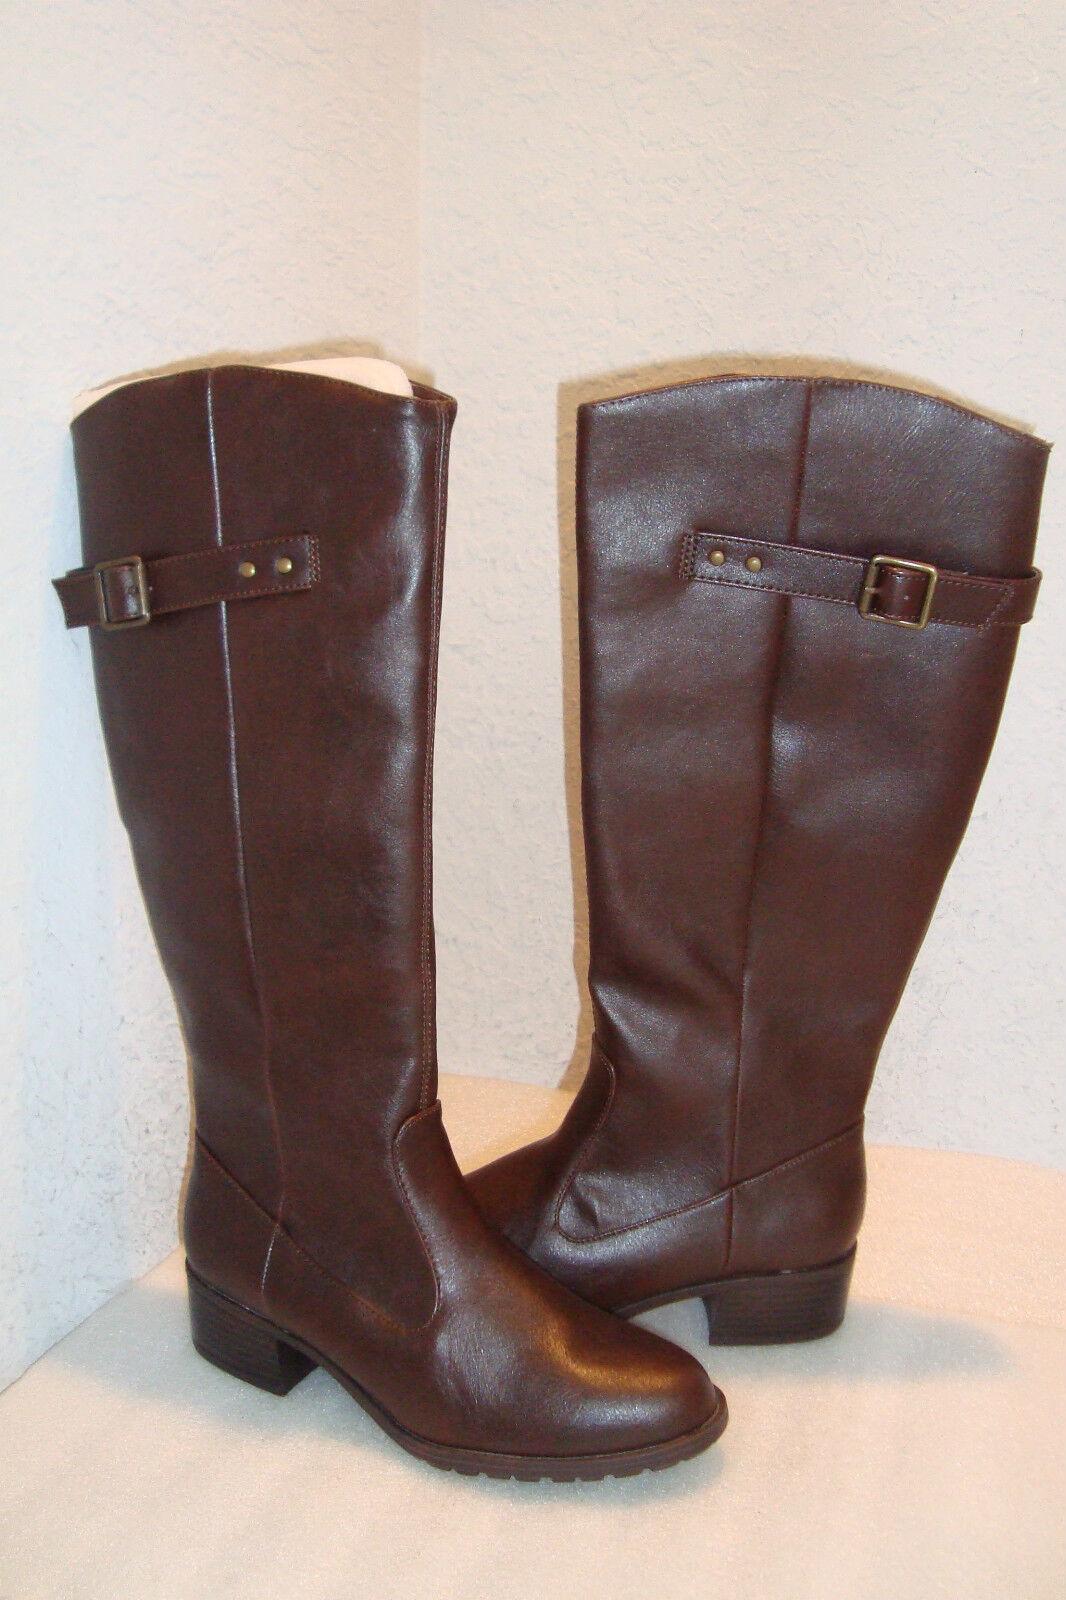 Rampage Para Mujer Nuevo Sin Caja Idaho Cognac Marrón Marrón Marrón botas Zapatos 7 MED Nuevo  Entrega directa y rápida de fábrica